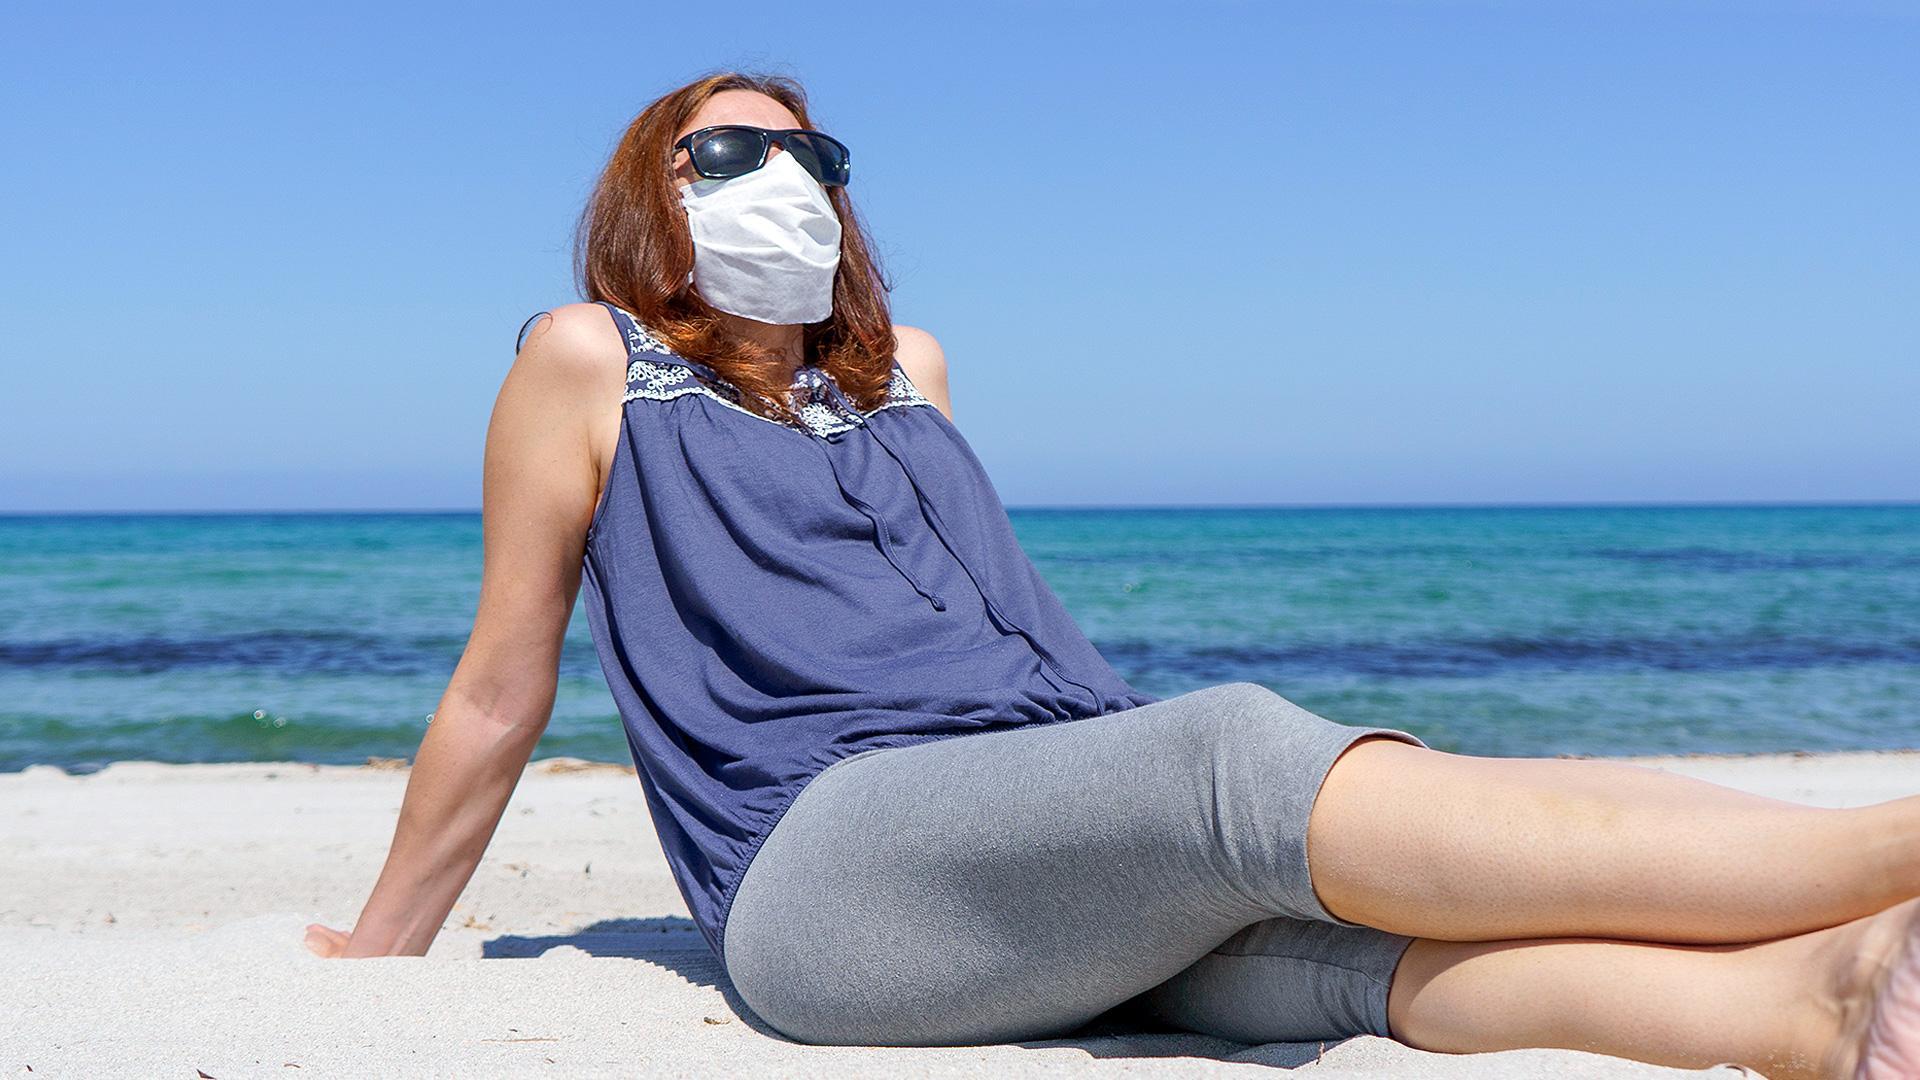 Frau sitzt mit Sonnenbrille und Gesichtsmaske am Strand